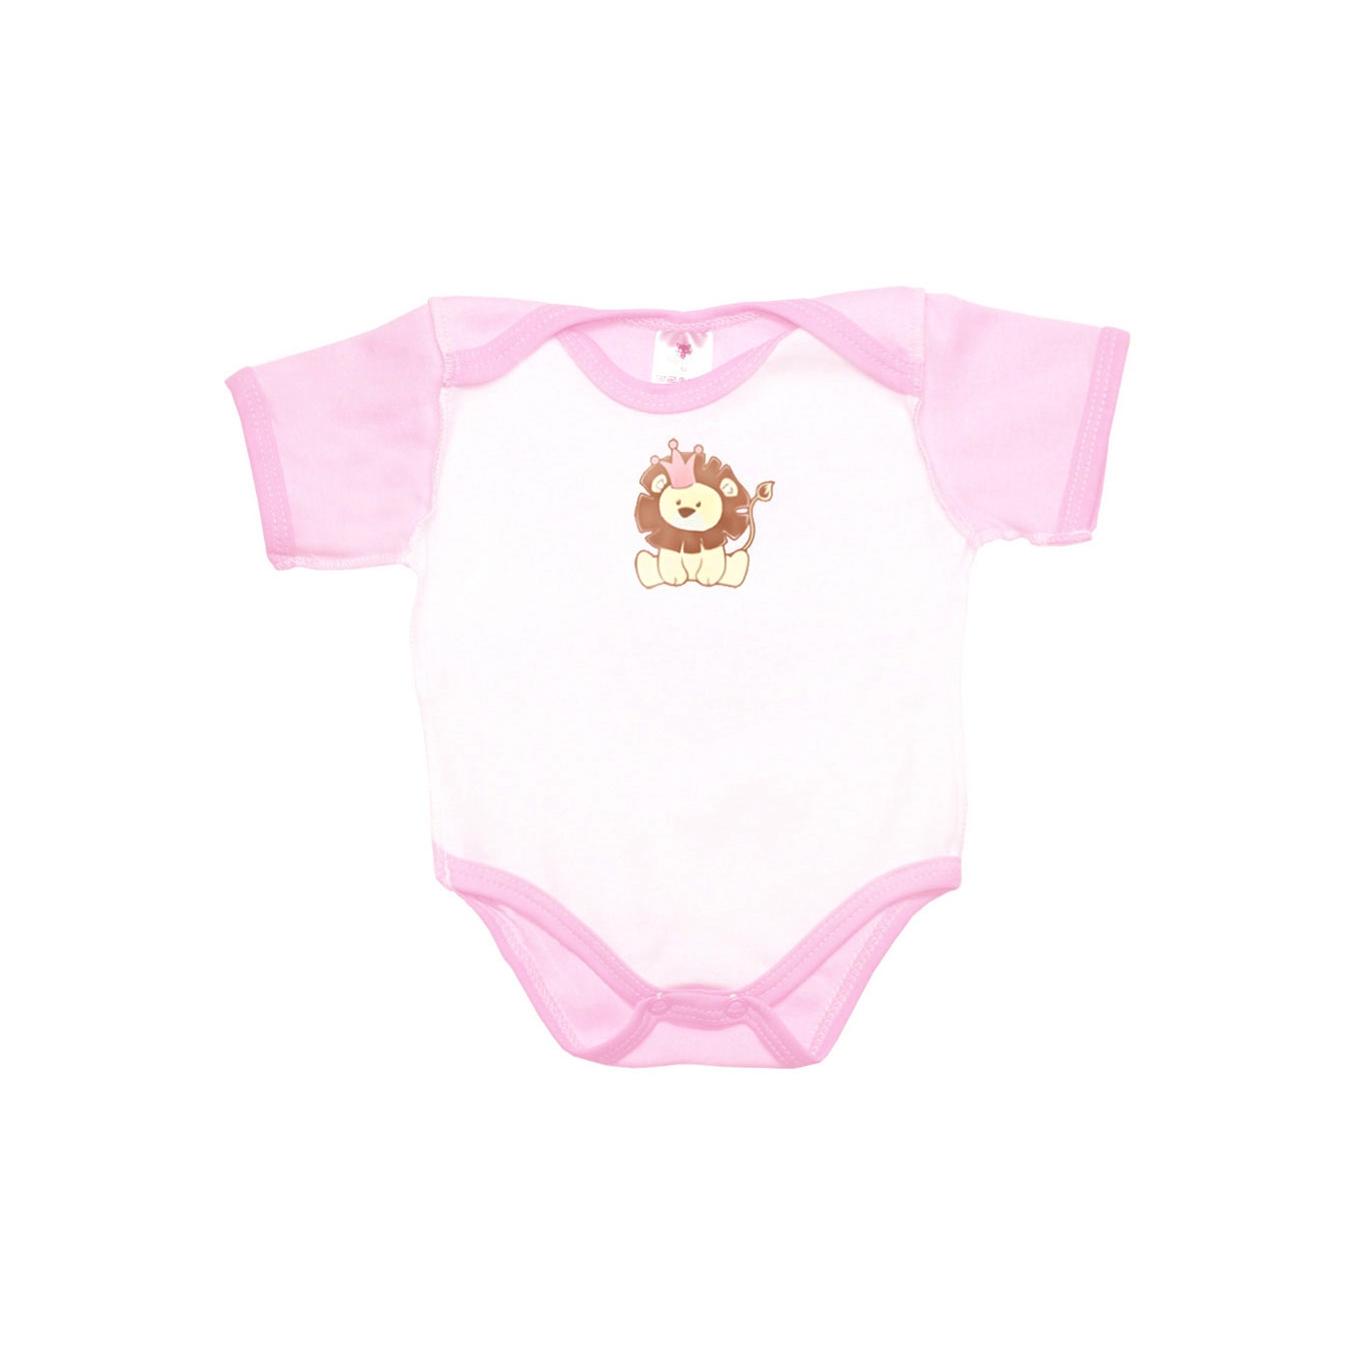 Боди с коротким рукавом КОТМАРКОТ для девочки, цвет розовый 1-3 мес (размер 62 см)<br>